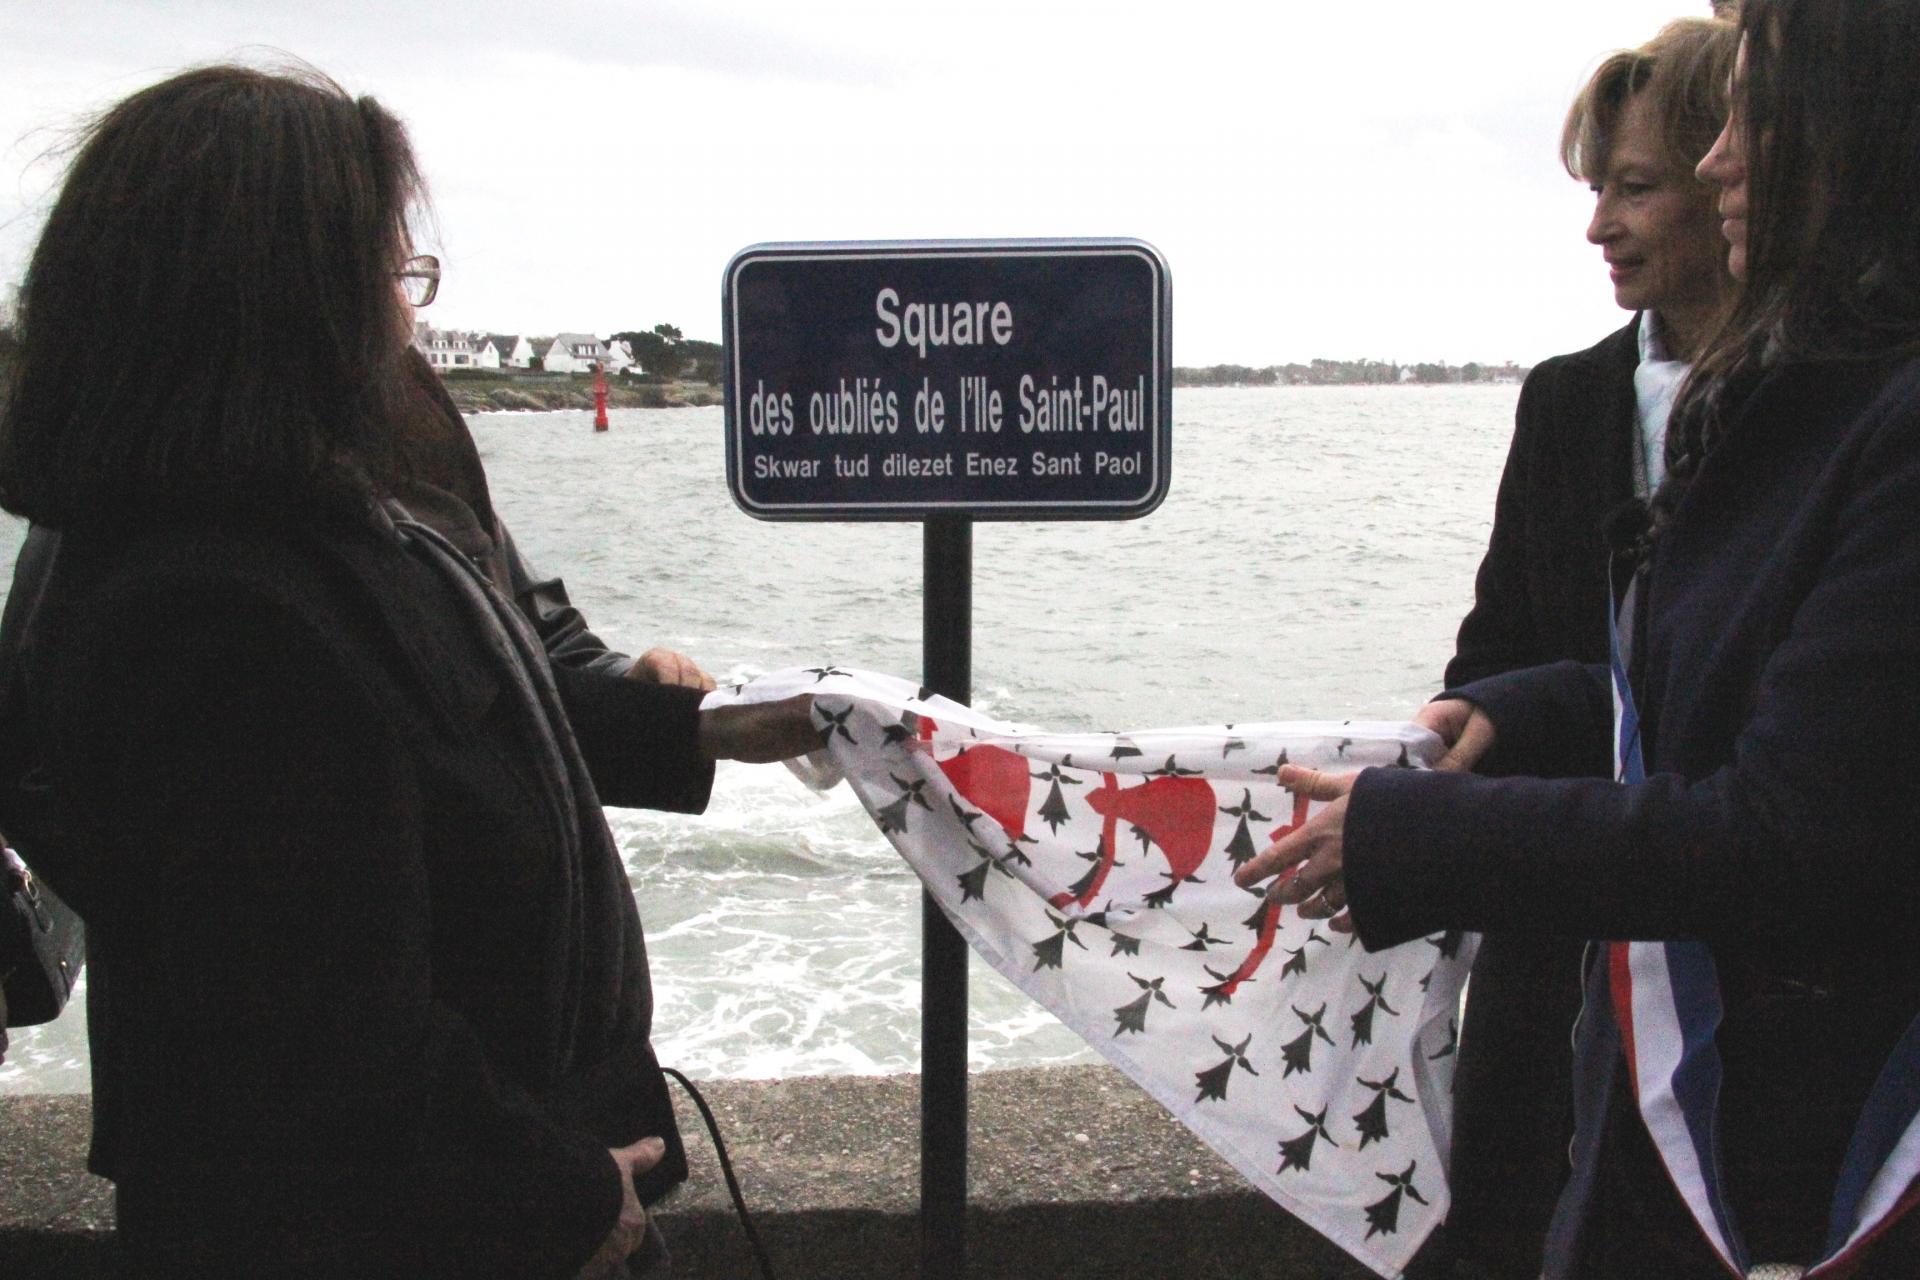 Le nom du Square est désormais.... Photo Ouest-France